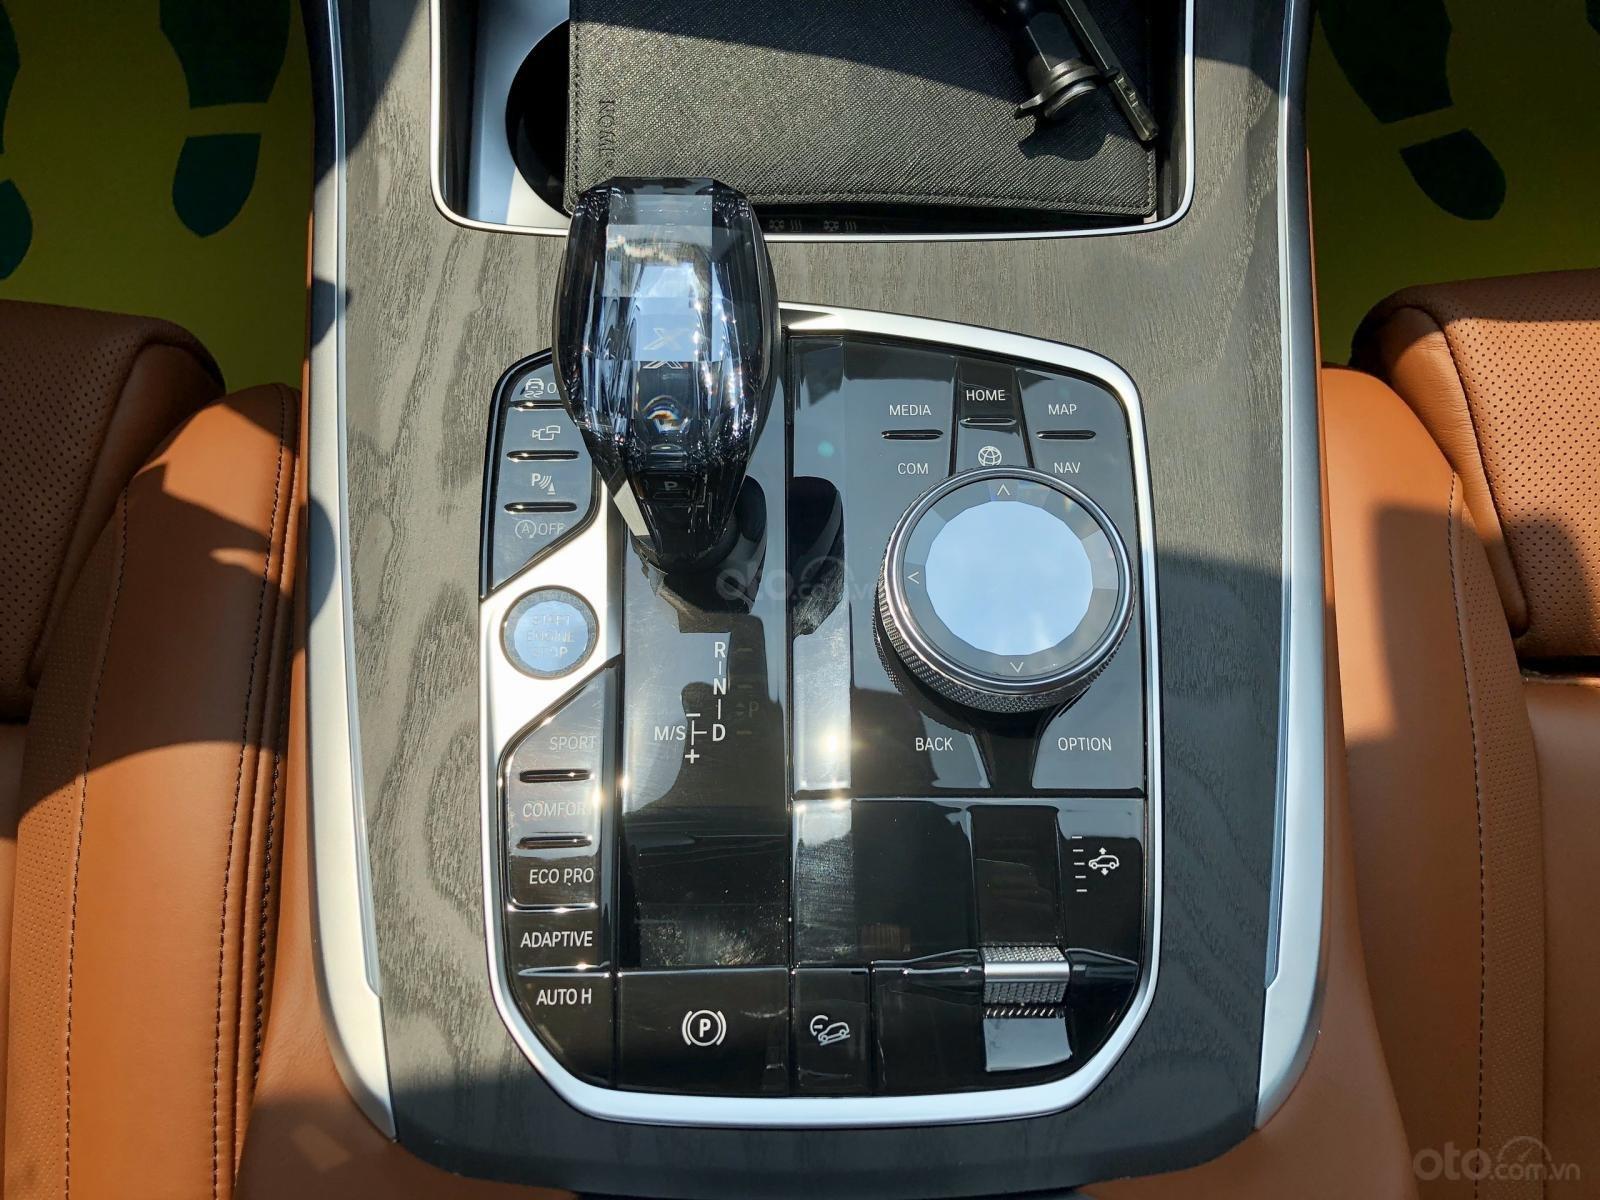 Bán BMW X7 XDrive40i M-Sport sản xuất năm 2019 full kịch option, màu đen, xe nhập Mỹ, mới 100% giao ngay, LH 0982.84.2838 (21)